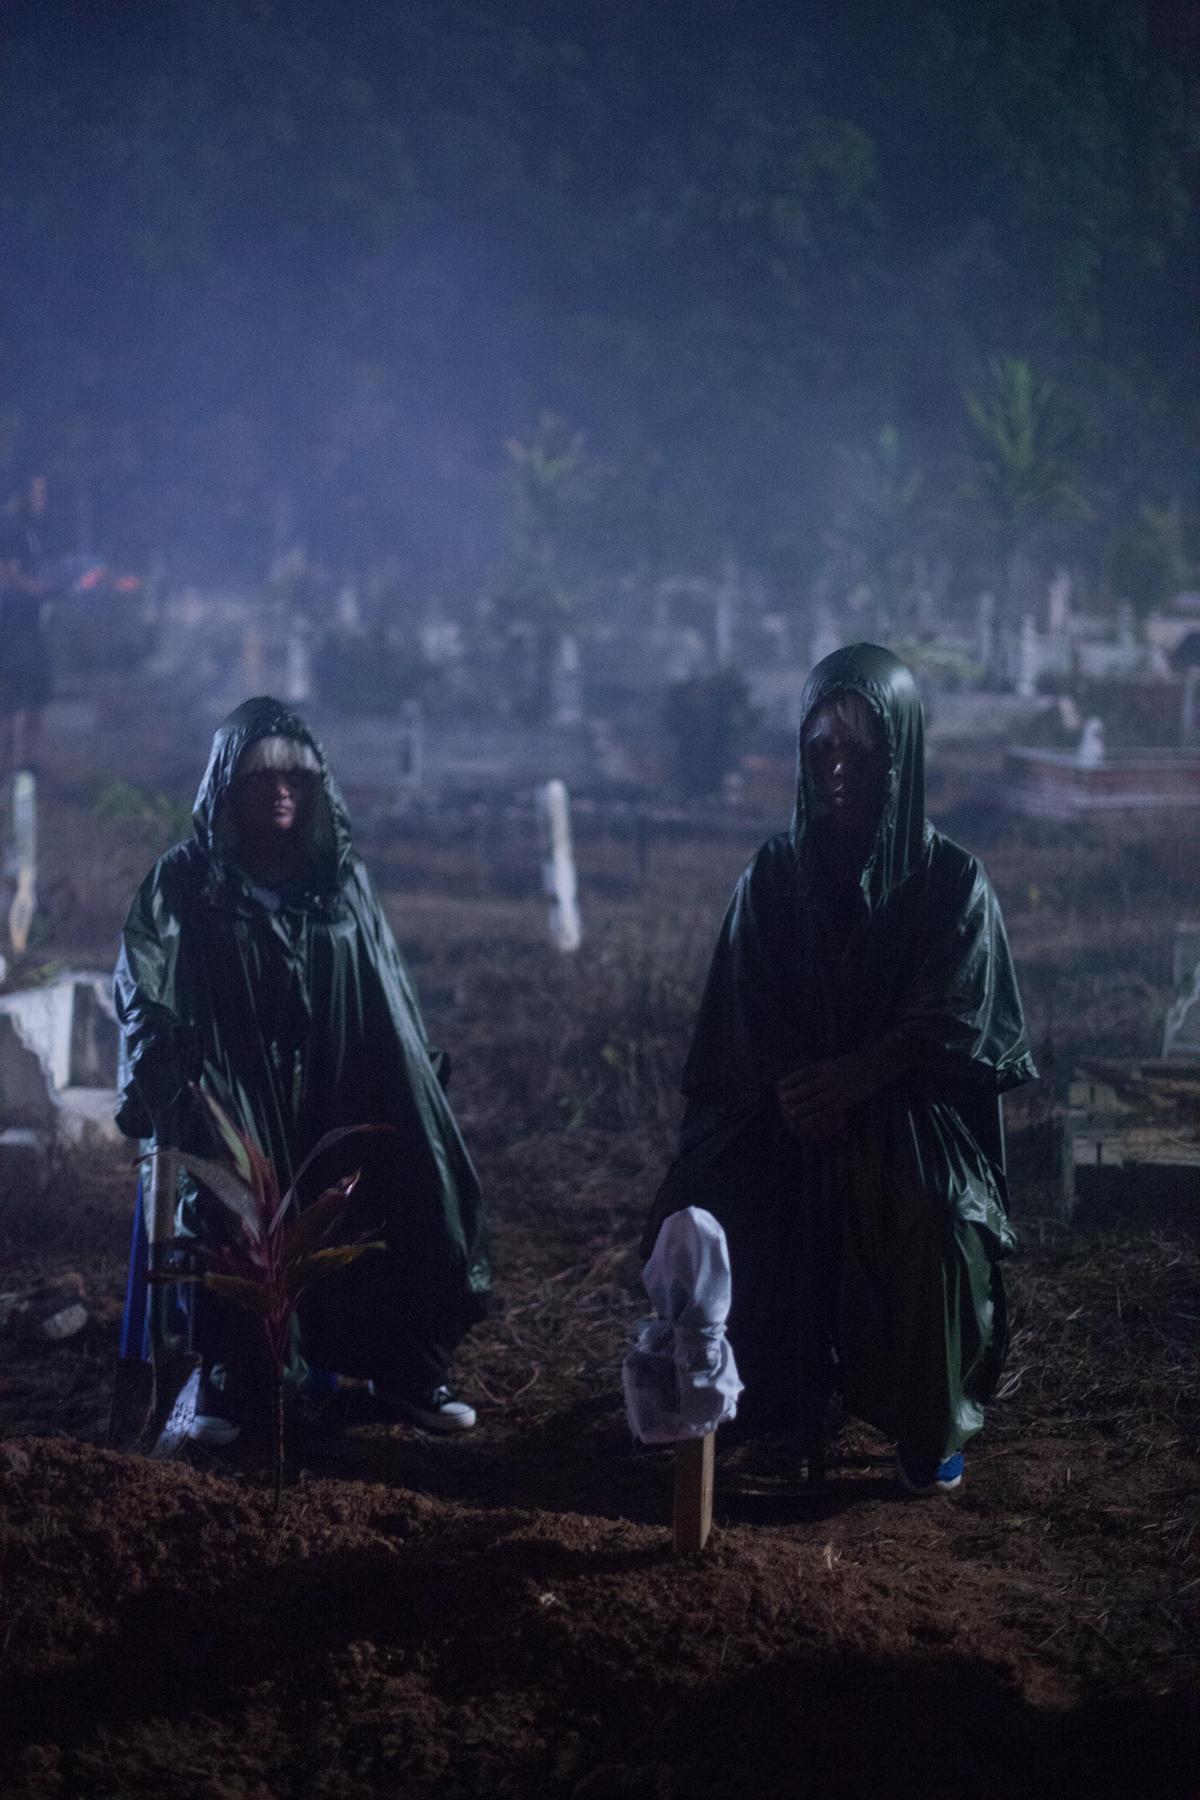 馬來西亞篇圍繞神祕的薩滿女巫士展開,華人導演何宇恆用養小鬼的故事,描繪靈異反噬的力量。(HBO提供)